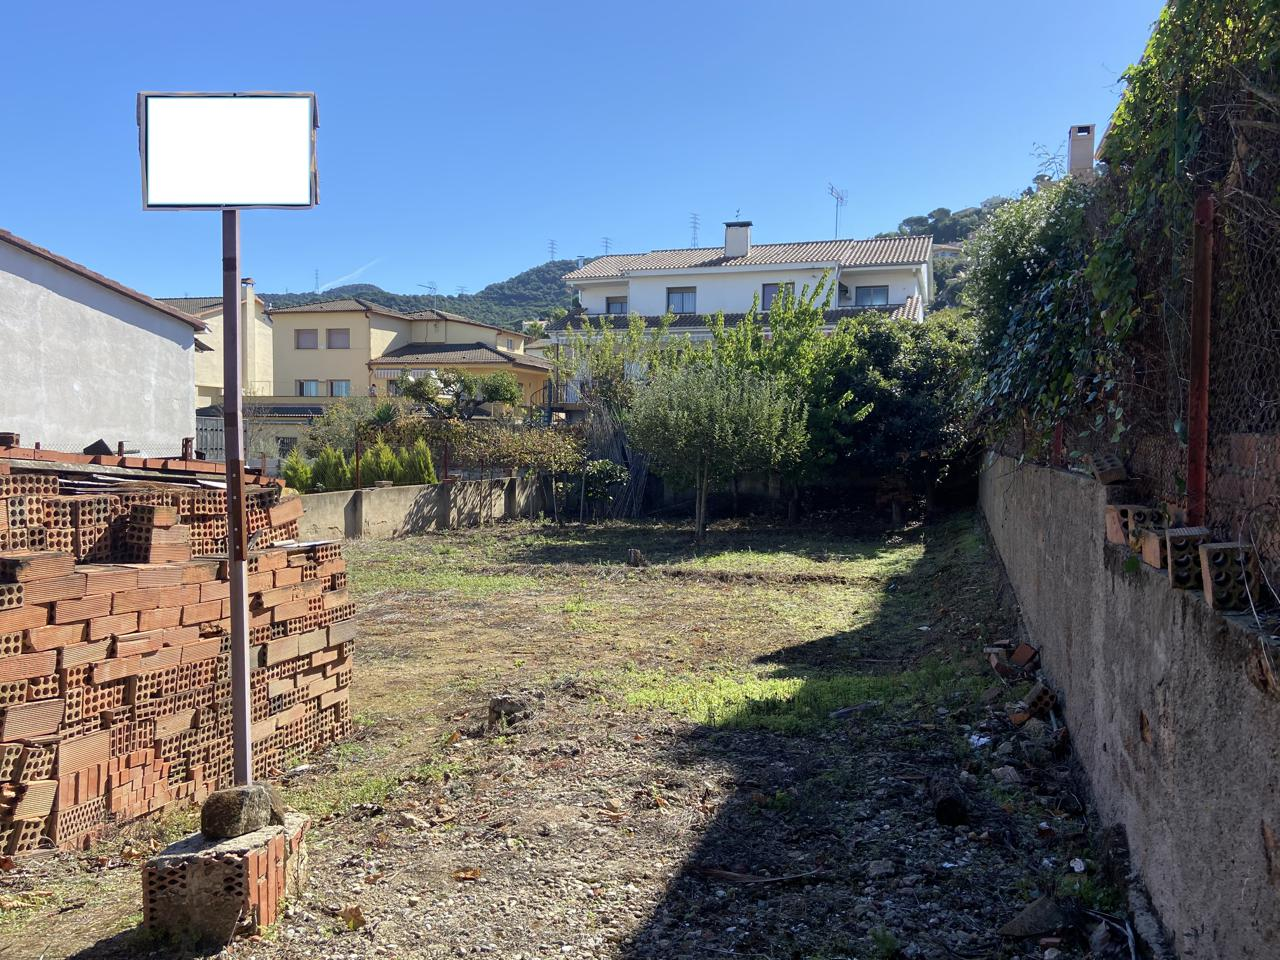 terreno en sant-fost-de-campsentelles · carrer-miquel-biada-08105 162500€